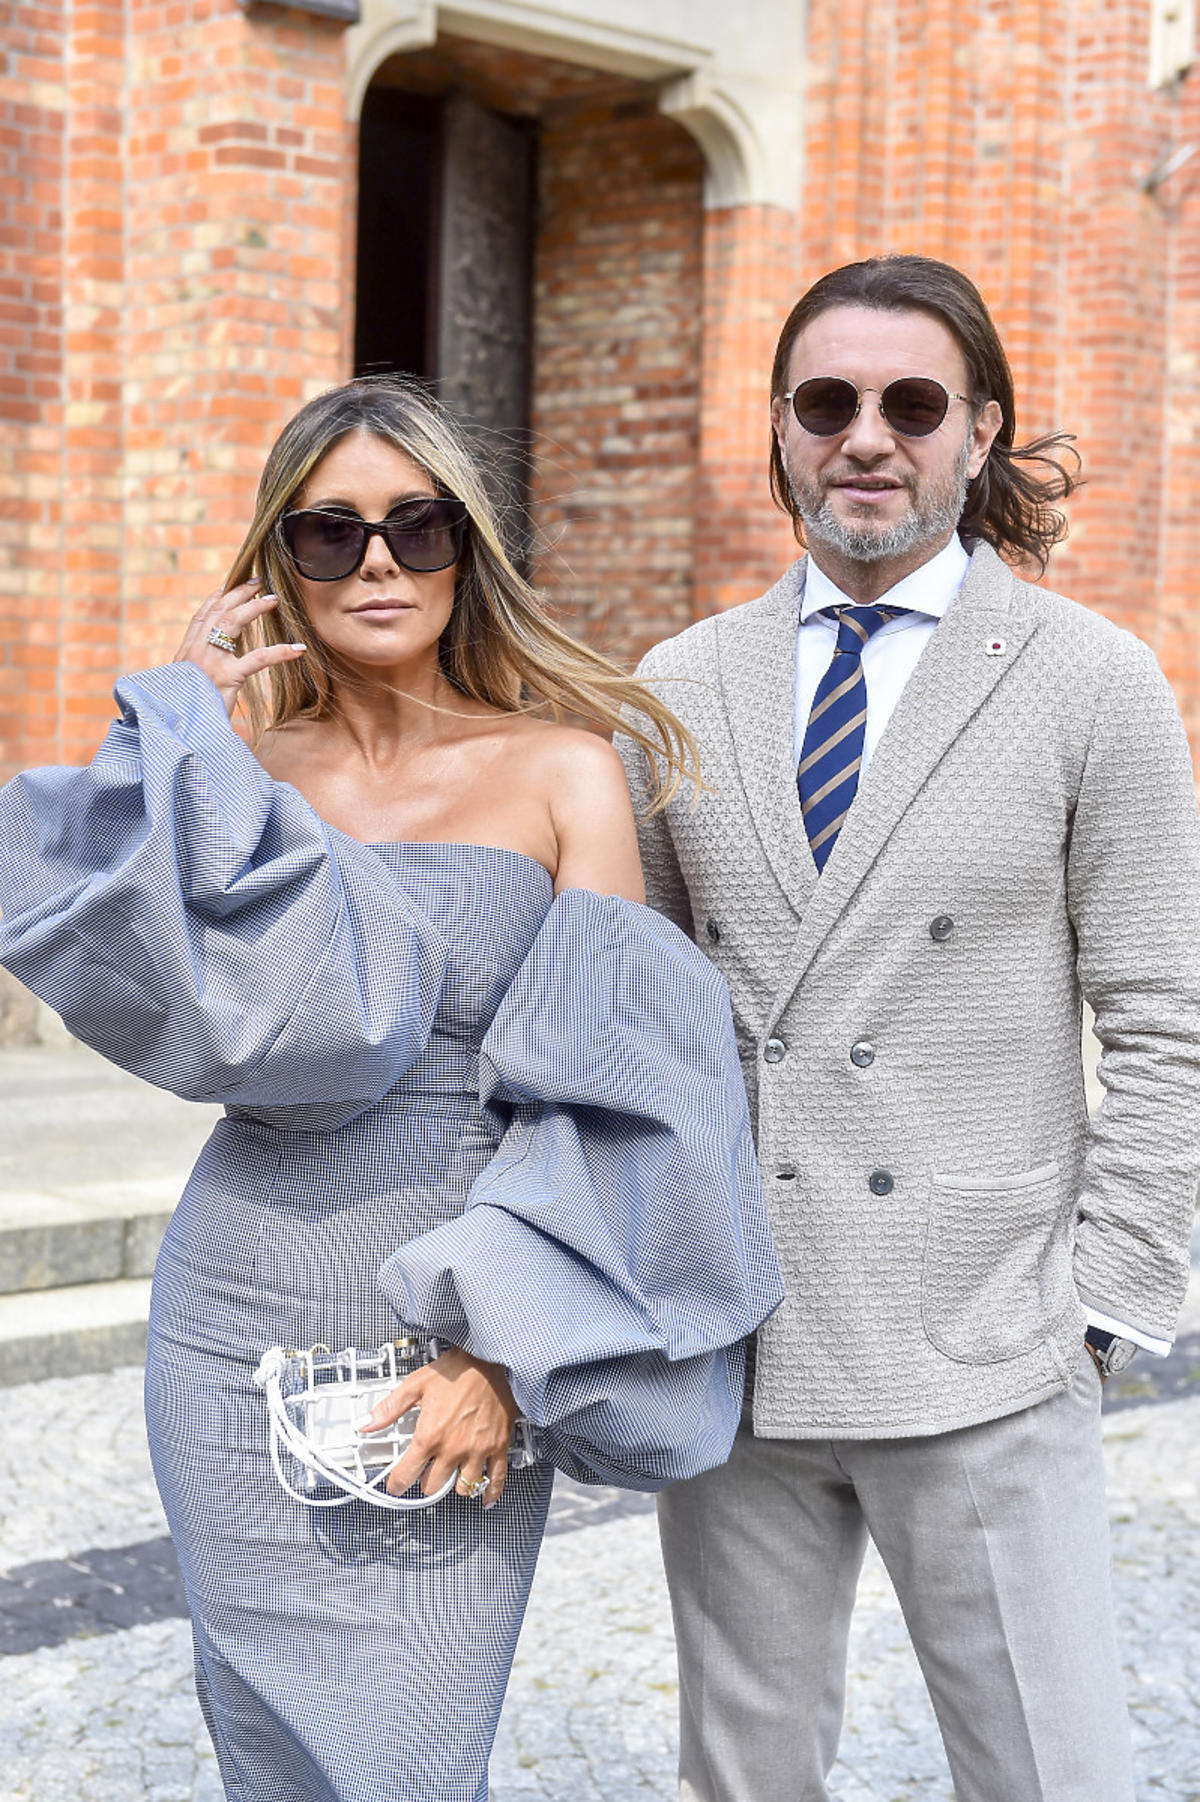 Małgorzata Rozenek skrytykowana za sukienkę na weselu Opozdy i Królikowskiego. Odpowiedziała